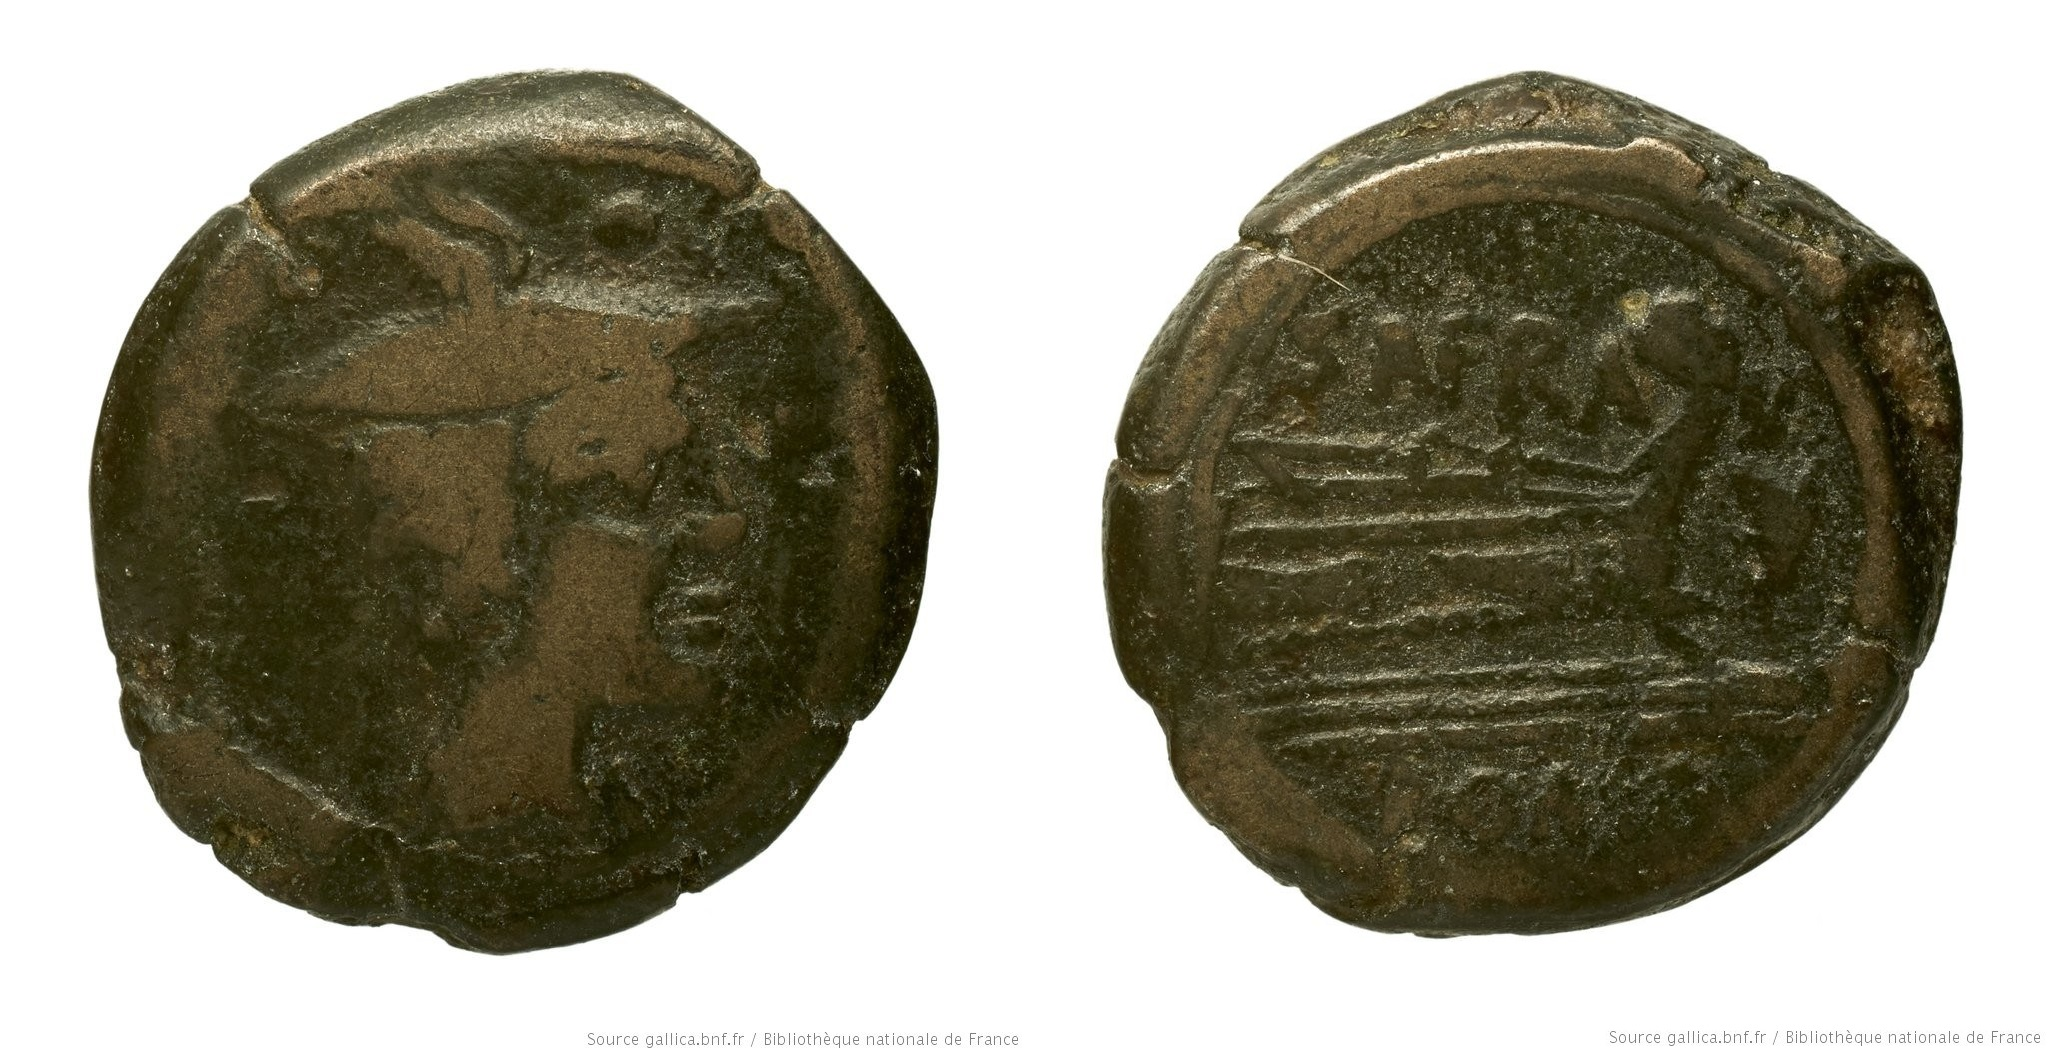 845AF – Sextans Afrania – Spurius Afranius